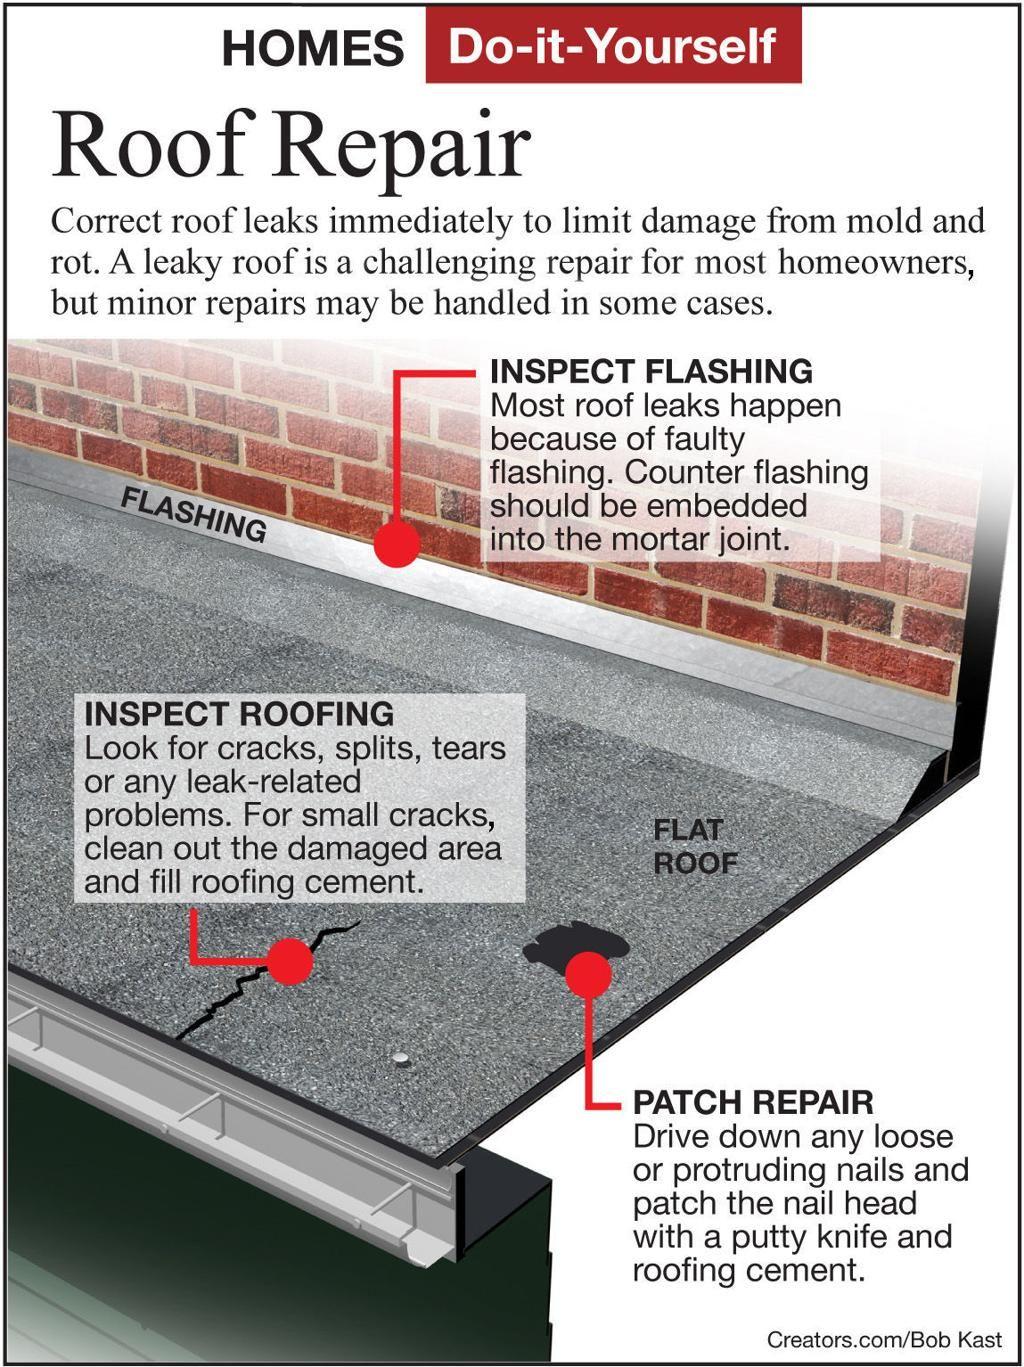 How To Patch Flat Roof Leak In 2020 Roof Leak Repair Roof Repair Home Repair